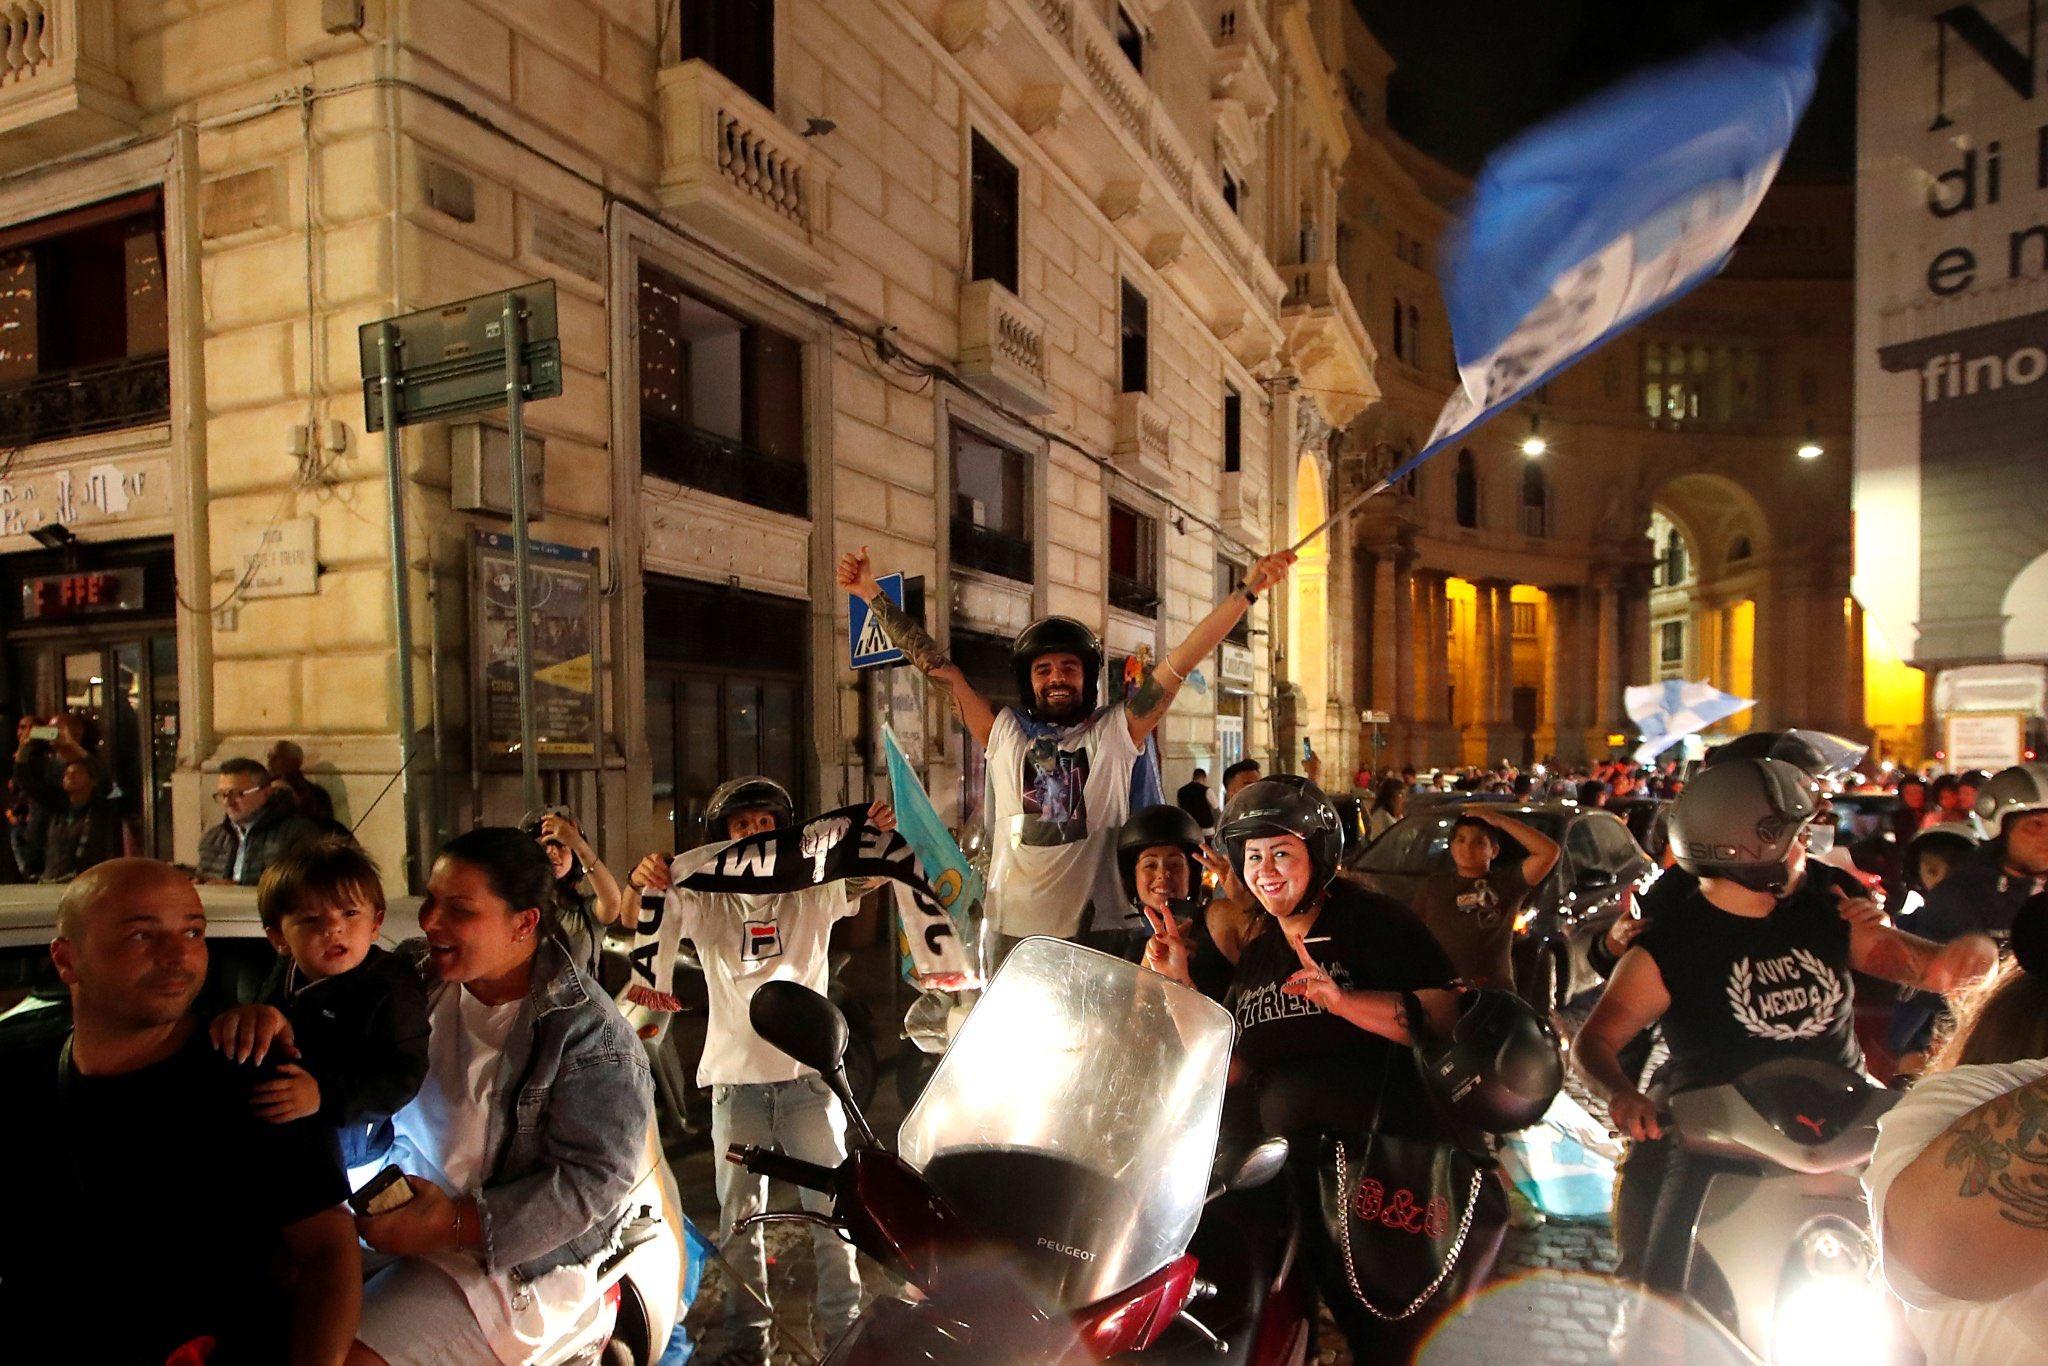 احتفالات جماهيير نابولى بلقب كاس ايطاليا (2)